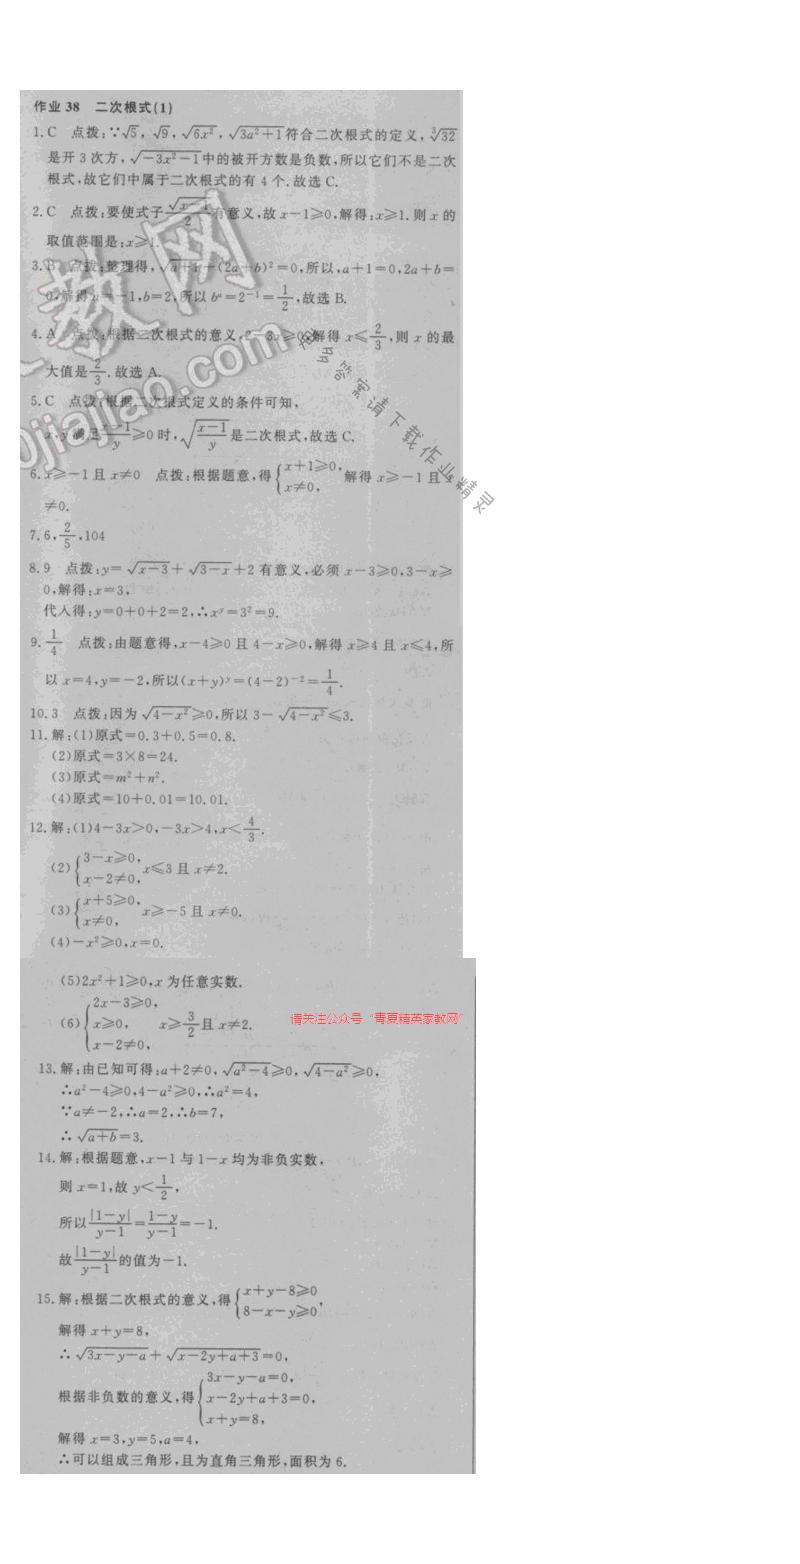 2016年启东中学作业本八年级数学下册江苏版 第十二章 作业38